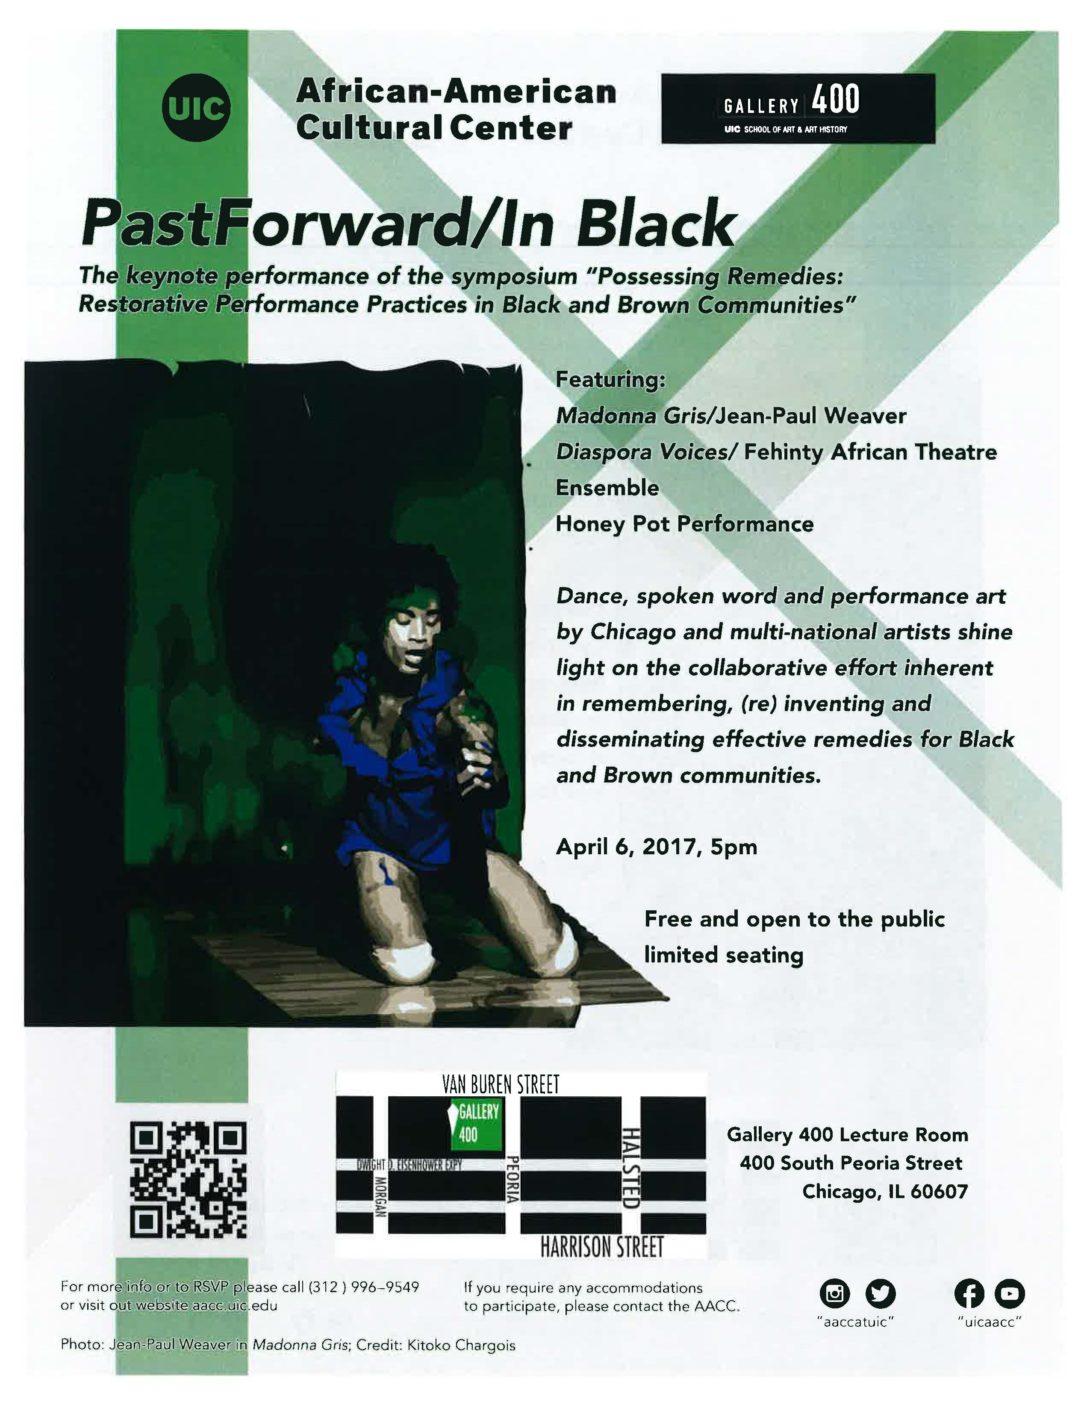 PastForward/ In Black